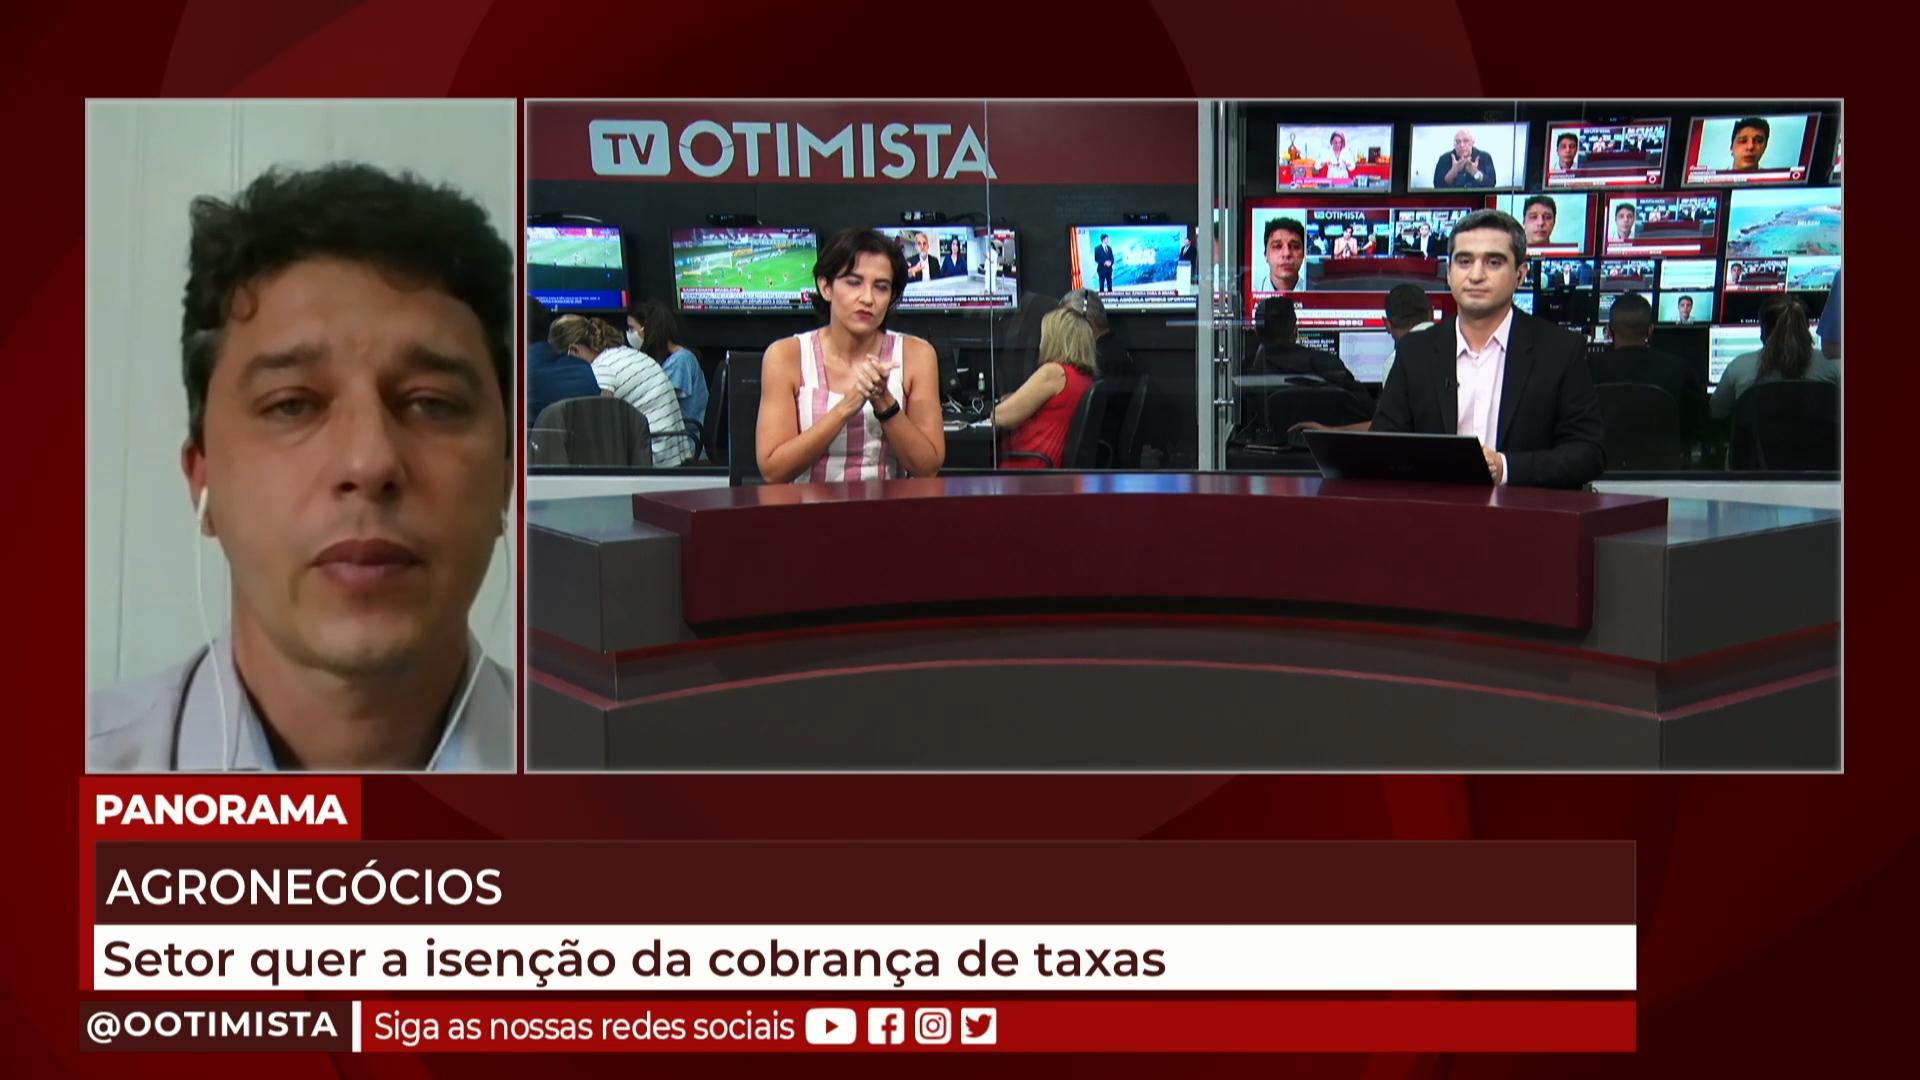 André Siqueira, Pres. do Sindialimento, fala sobre pedido de isenção na cobranças de taxas